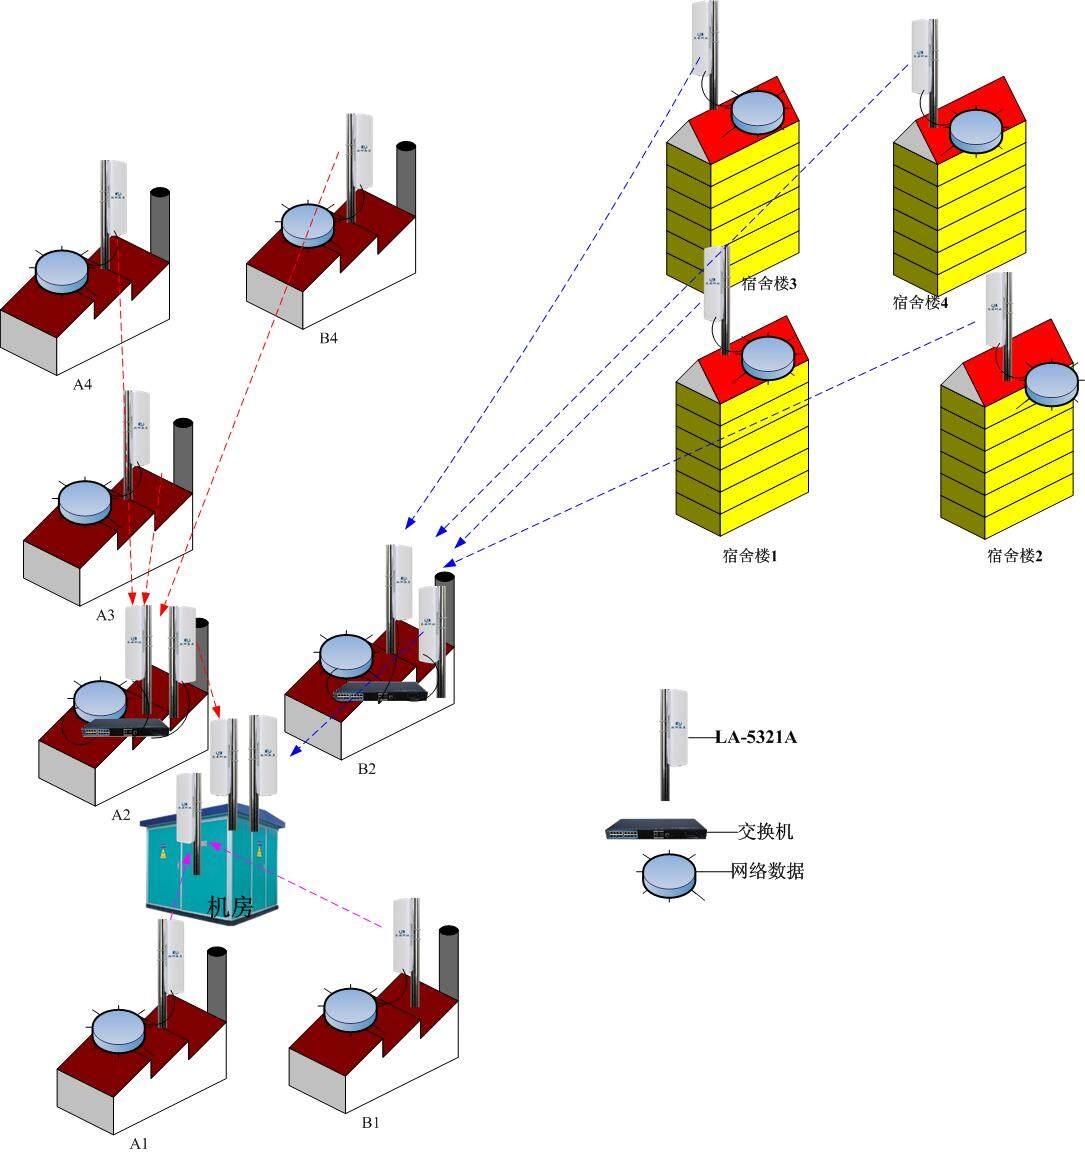 厂区网络数据无线传输方案设计